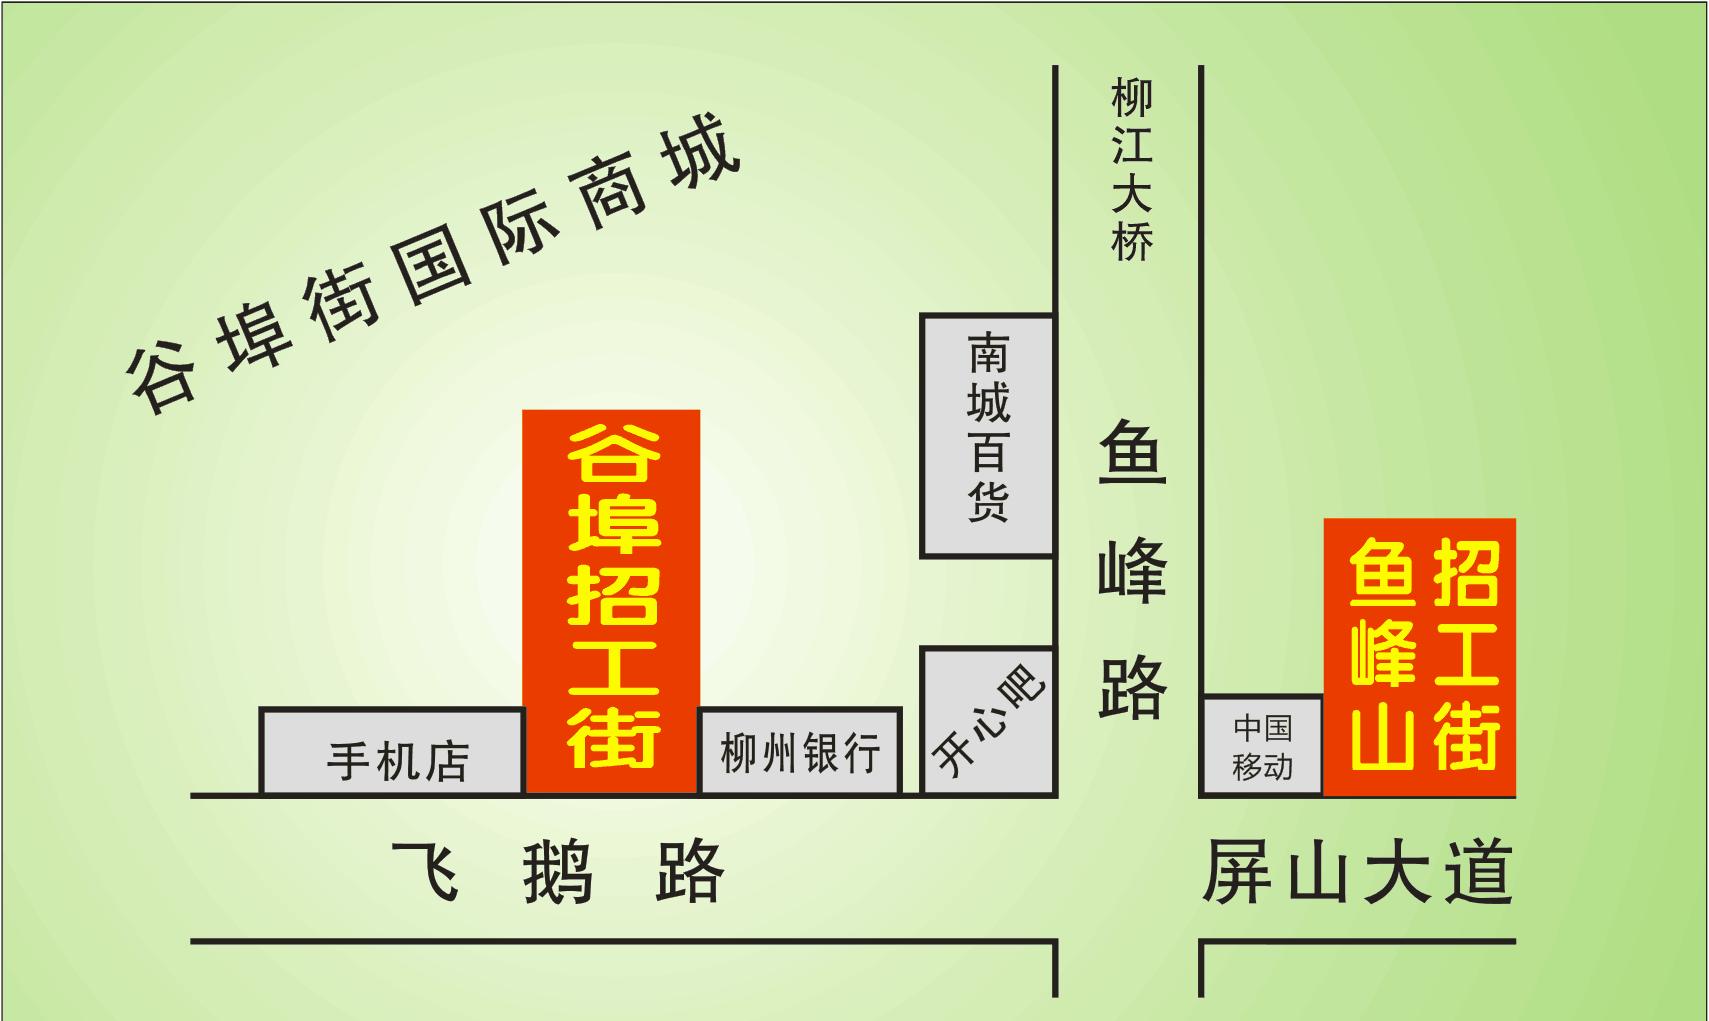 柳州招工街位置图